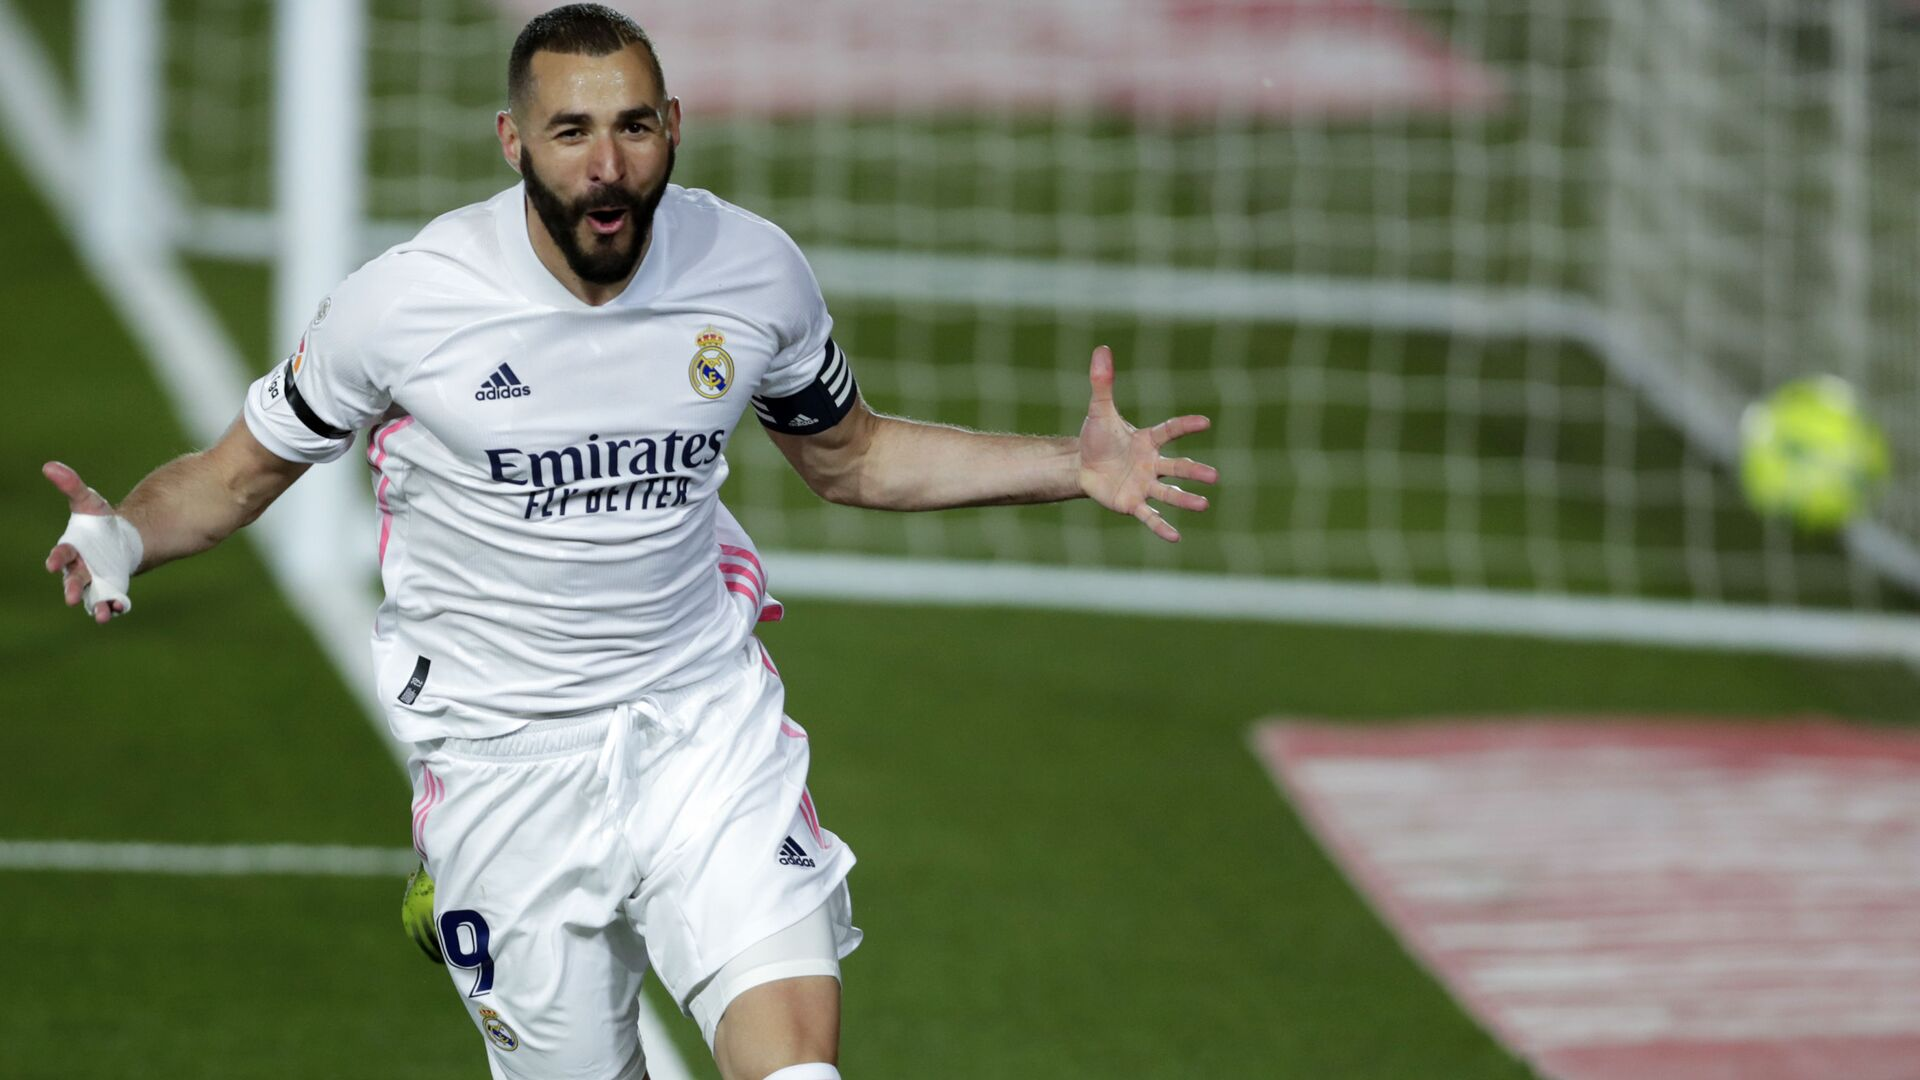 Napadač Real Madrida Karim Benzema - Sputnik Srbija, 1920, 20.08.2021